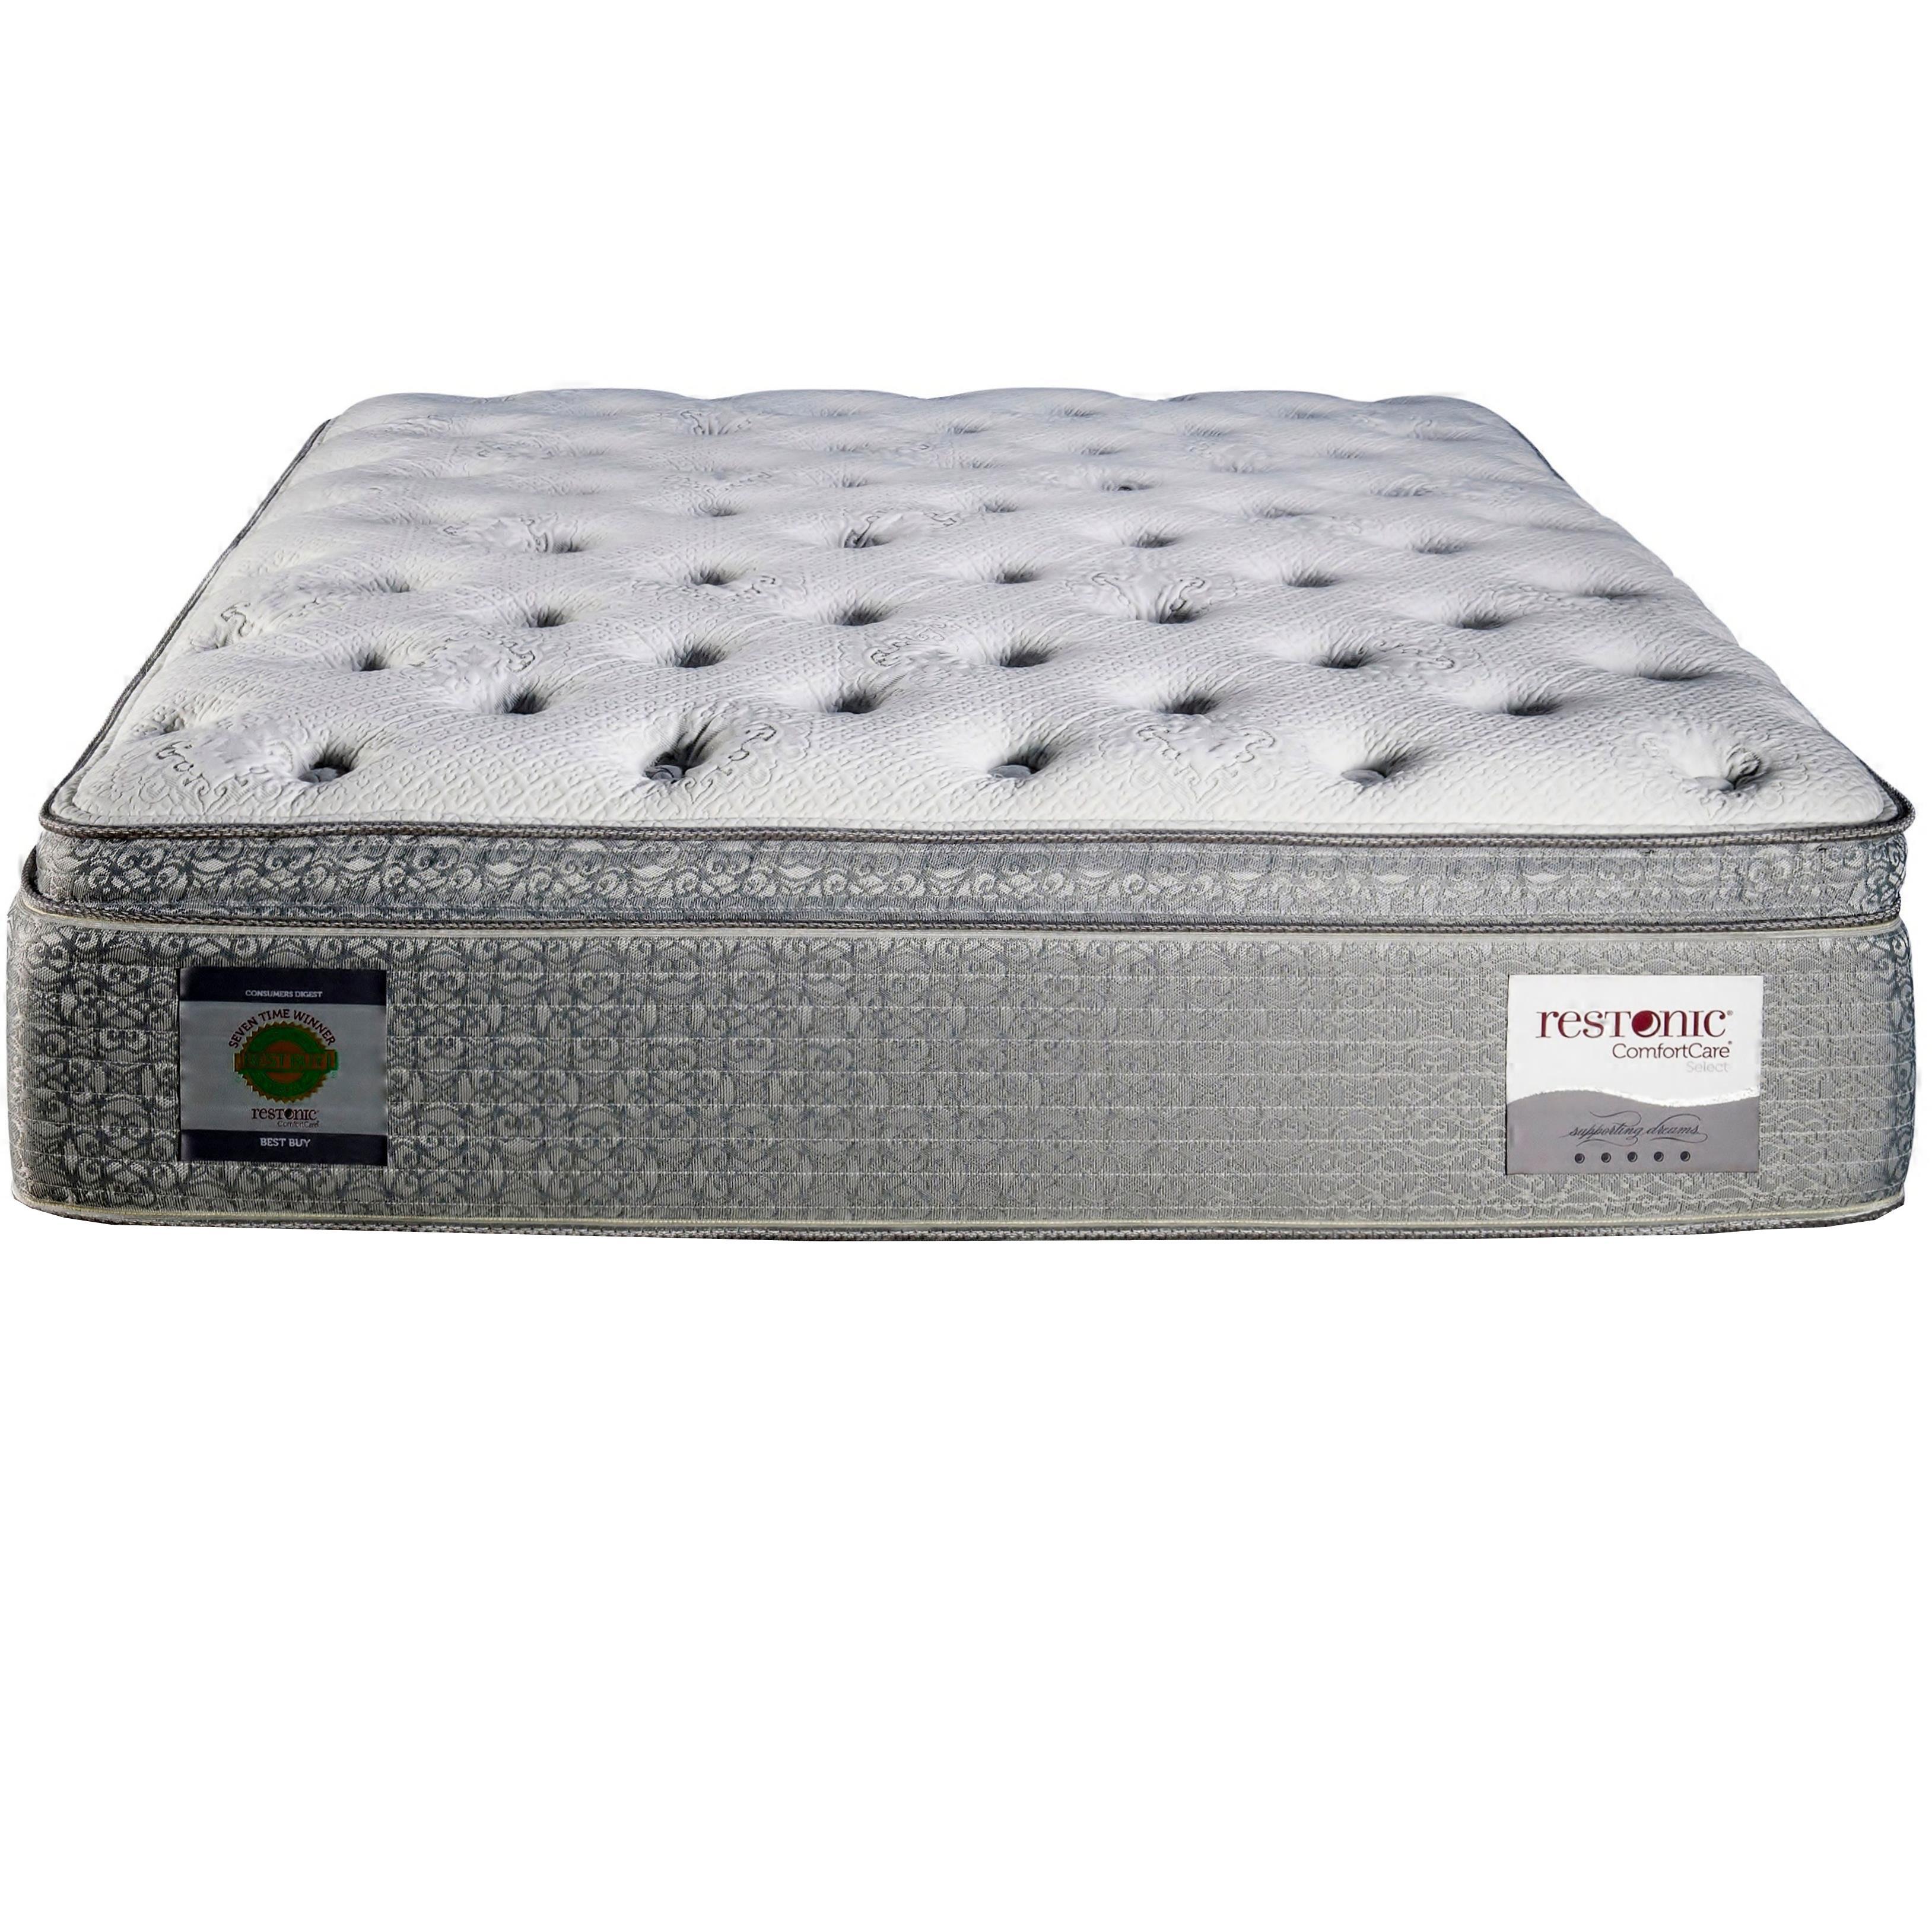 shop pillowtop set pillow deals vista on sleeper top sale serta mattresses full perfect reviews restonic largo mattress